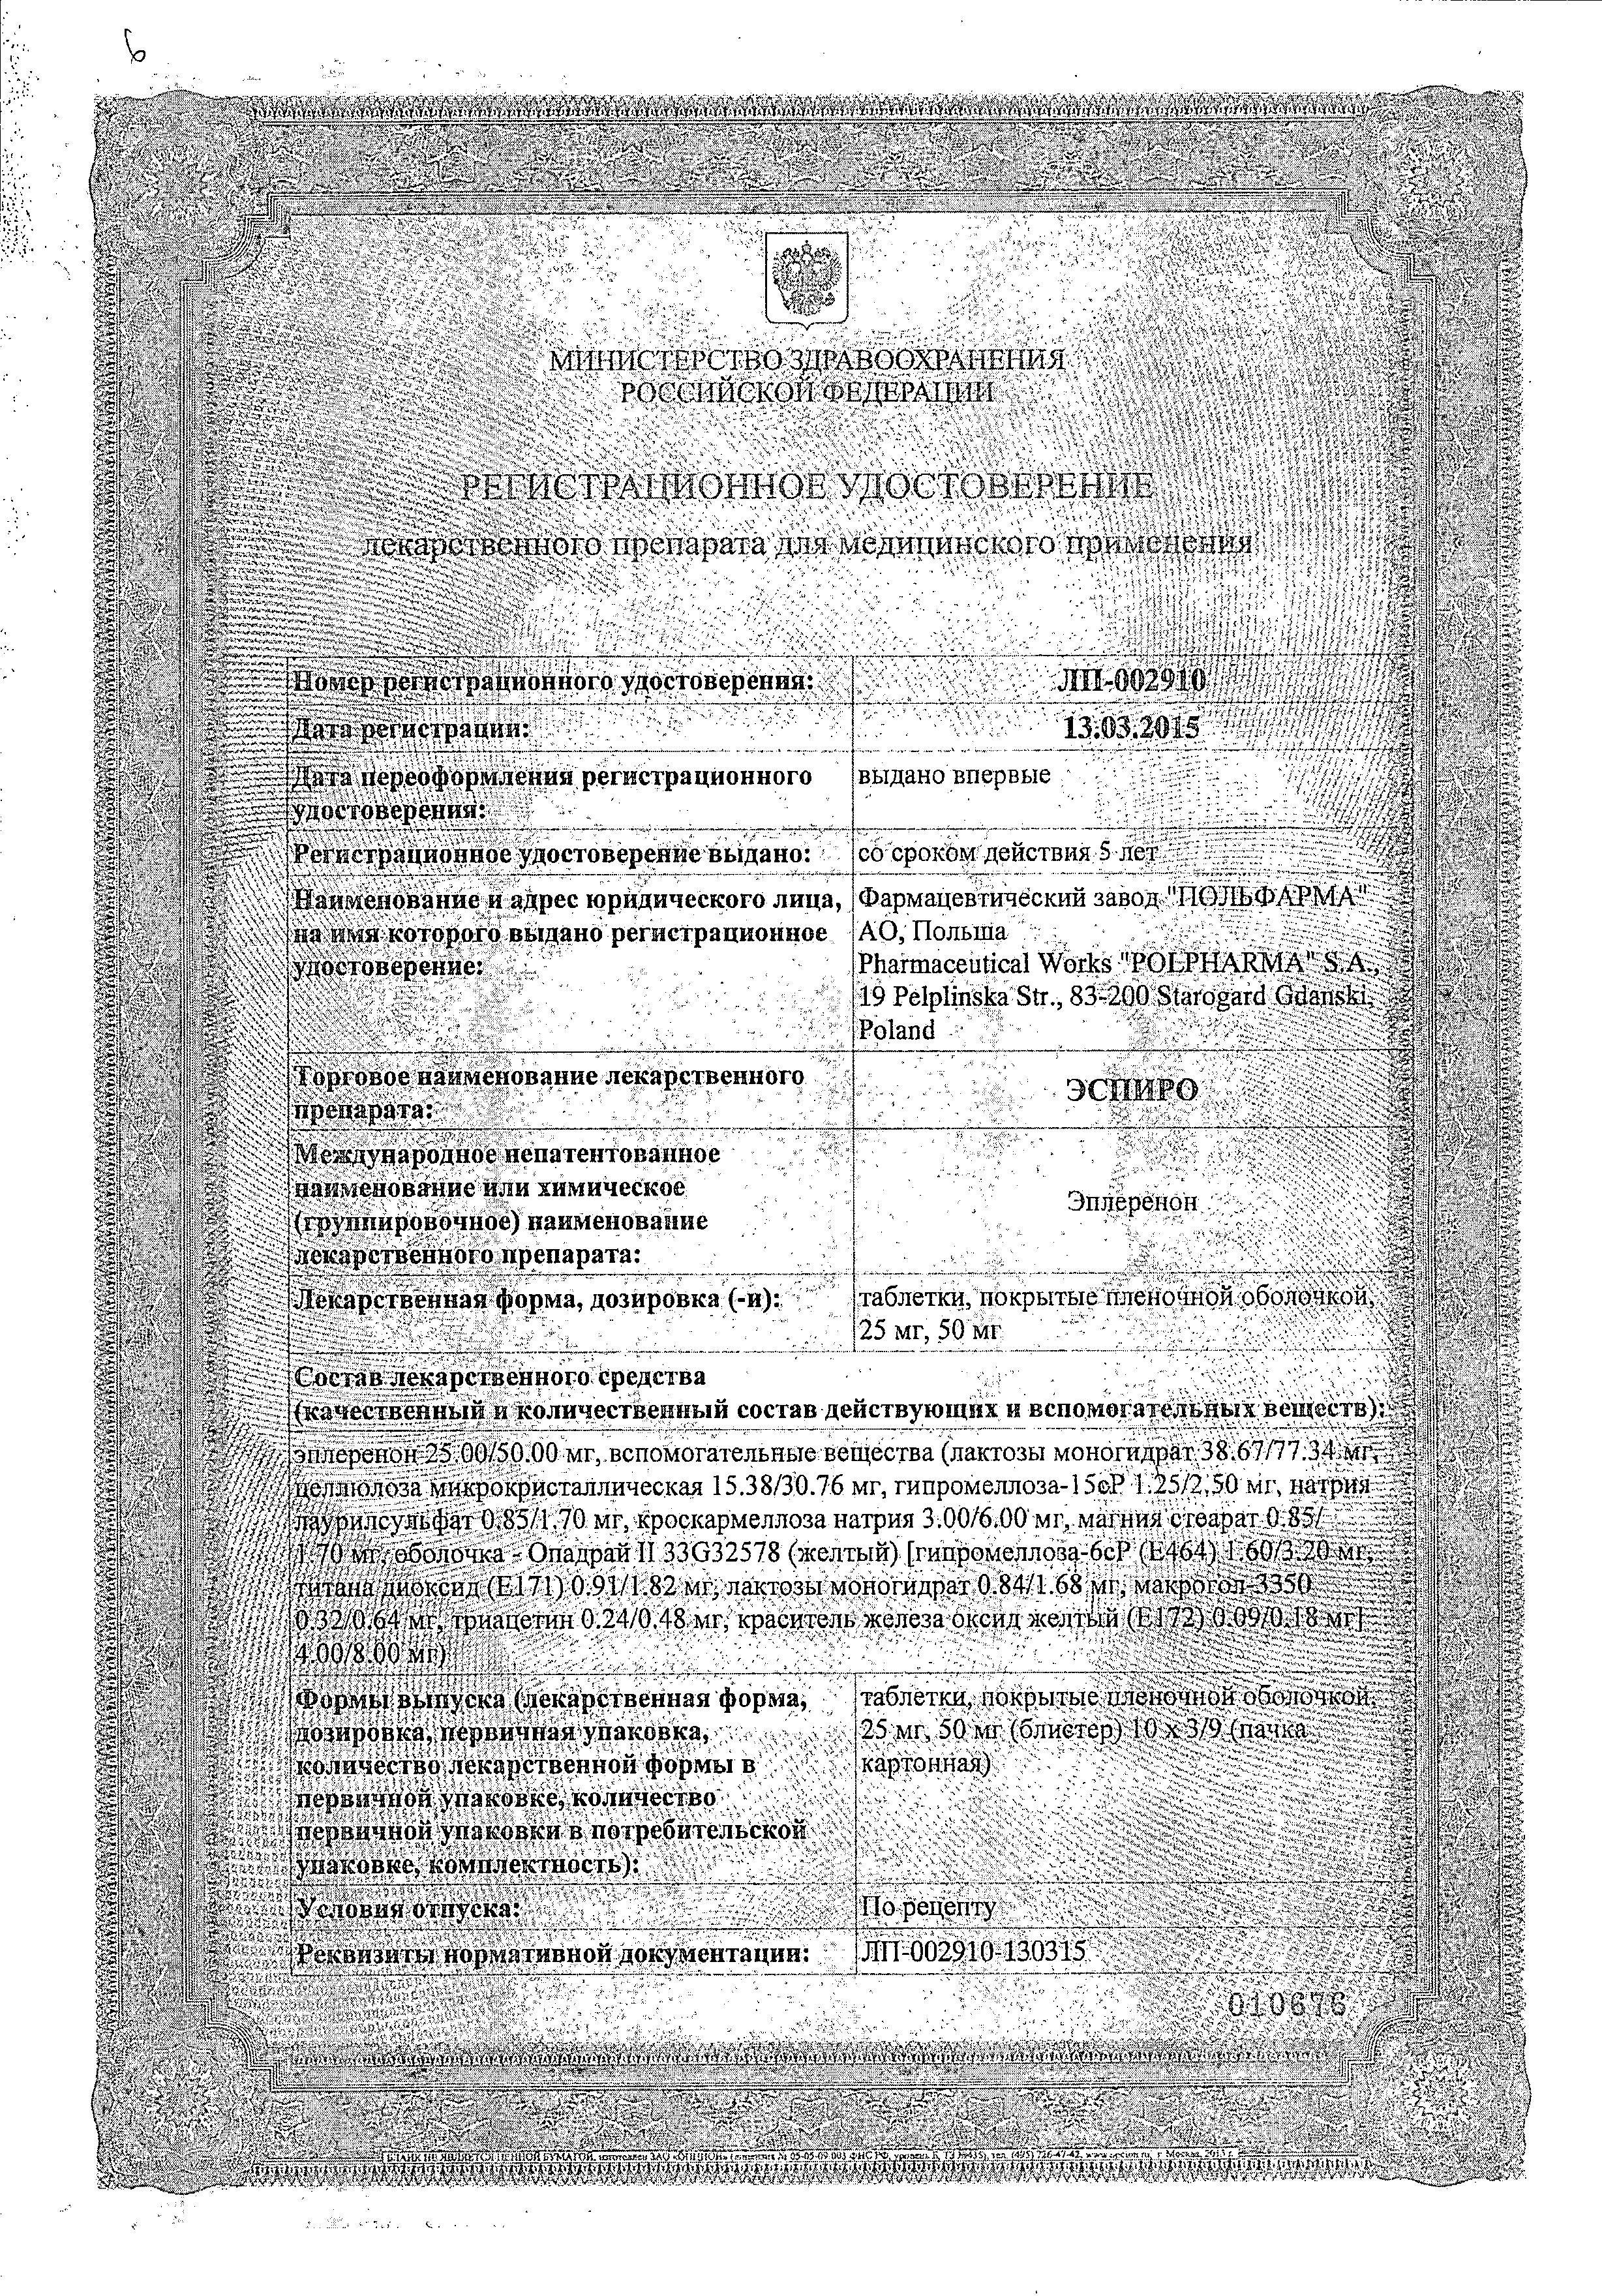 Эспиро сертификат